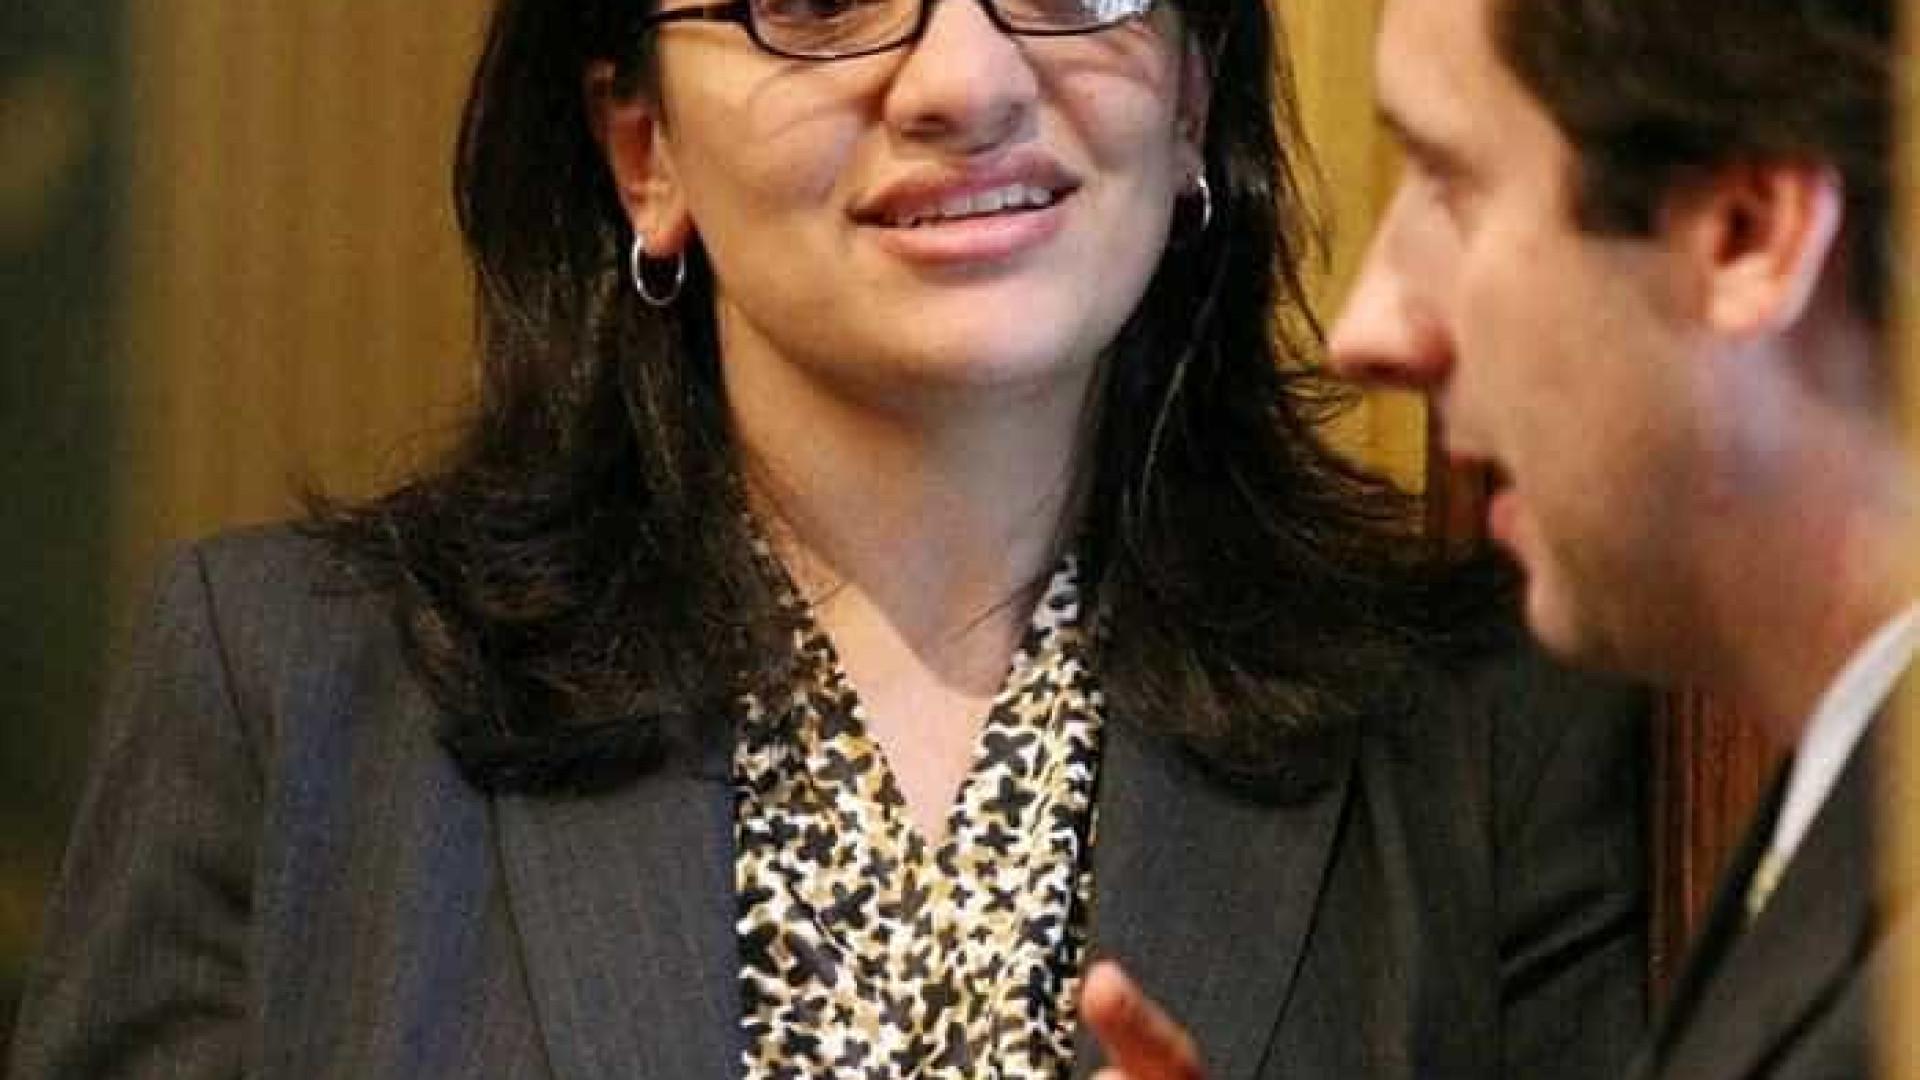 Rashida Tlaib é eleita e EUA terá 1ª mulher muçulmana no Congresso